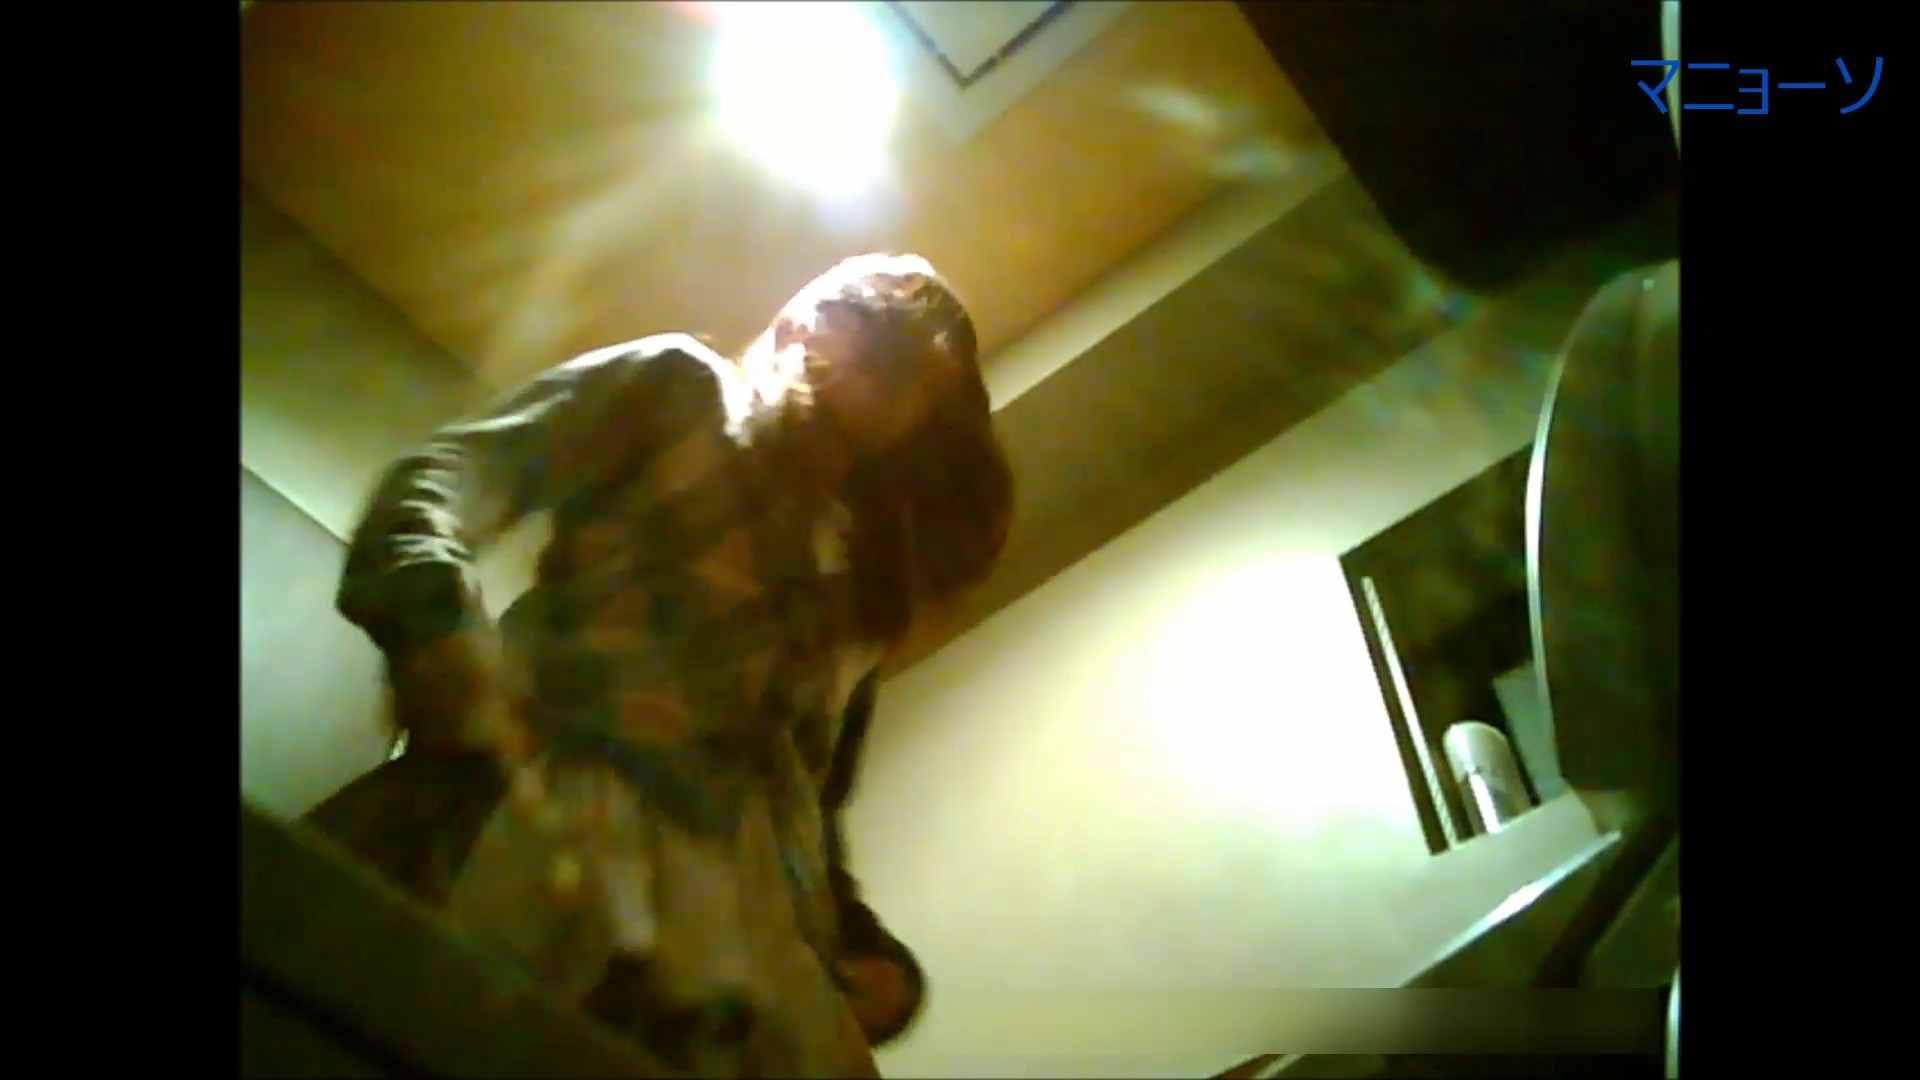 トイレでひと肌脱いでもらいました (JD編)Vol.01 女性トイレ  101pic 87